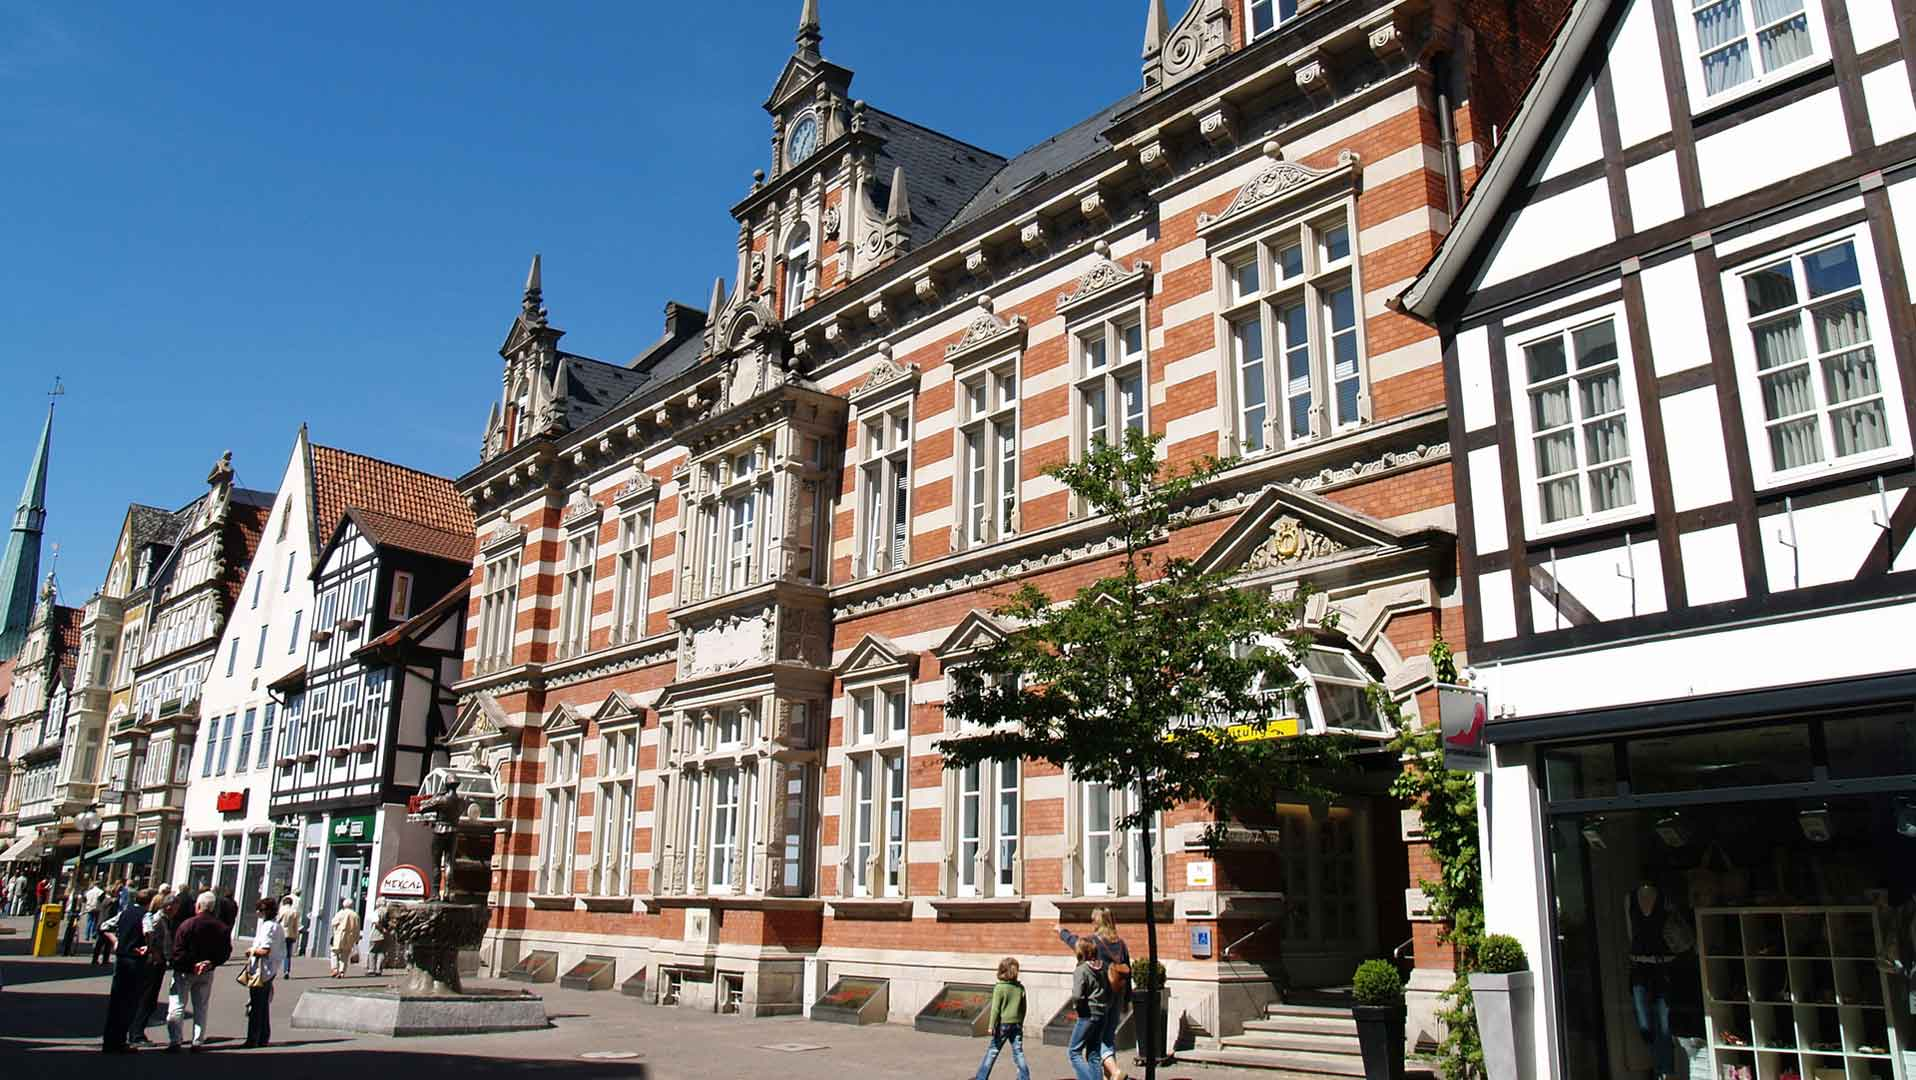 In Hamelen vind je veel vakwerk en gebouwen in de stijl van de Weserrenaissance.